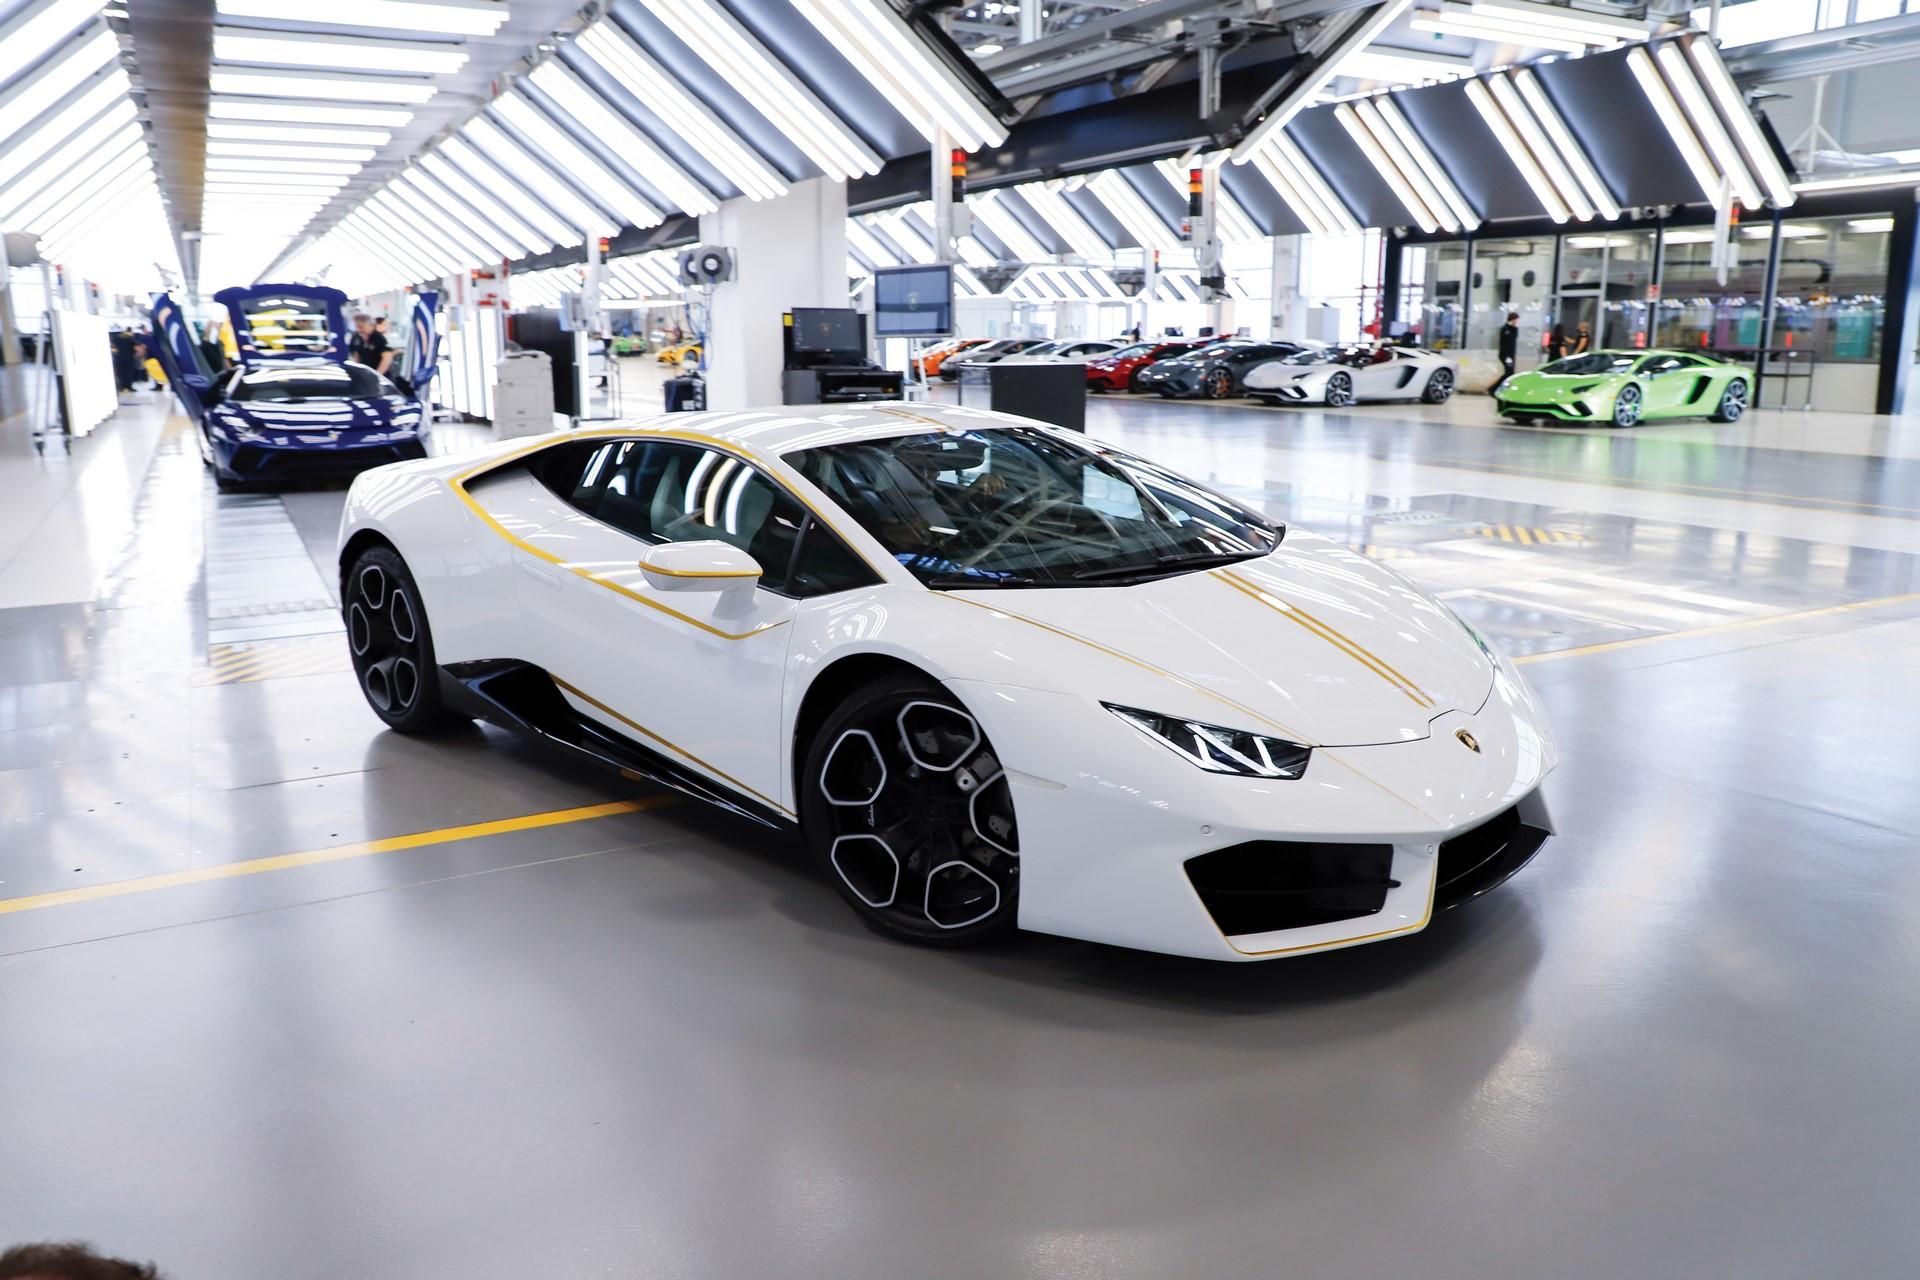 2018-Lamborghini-Huracan-RWD-Coupe_16